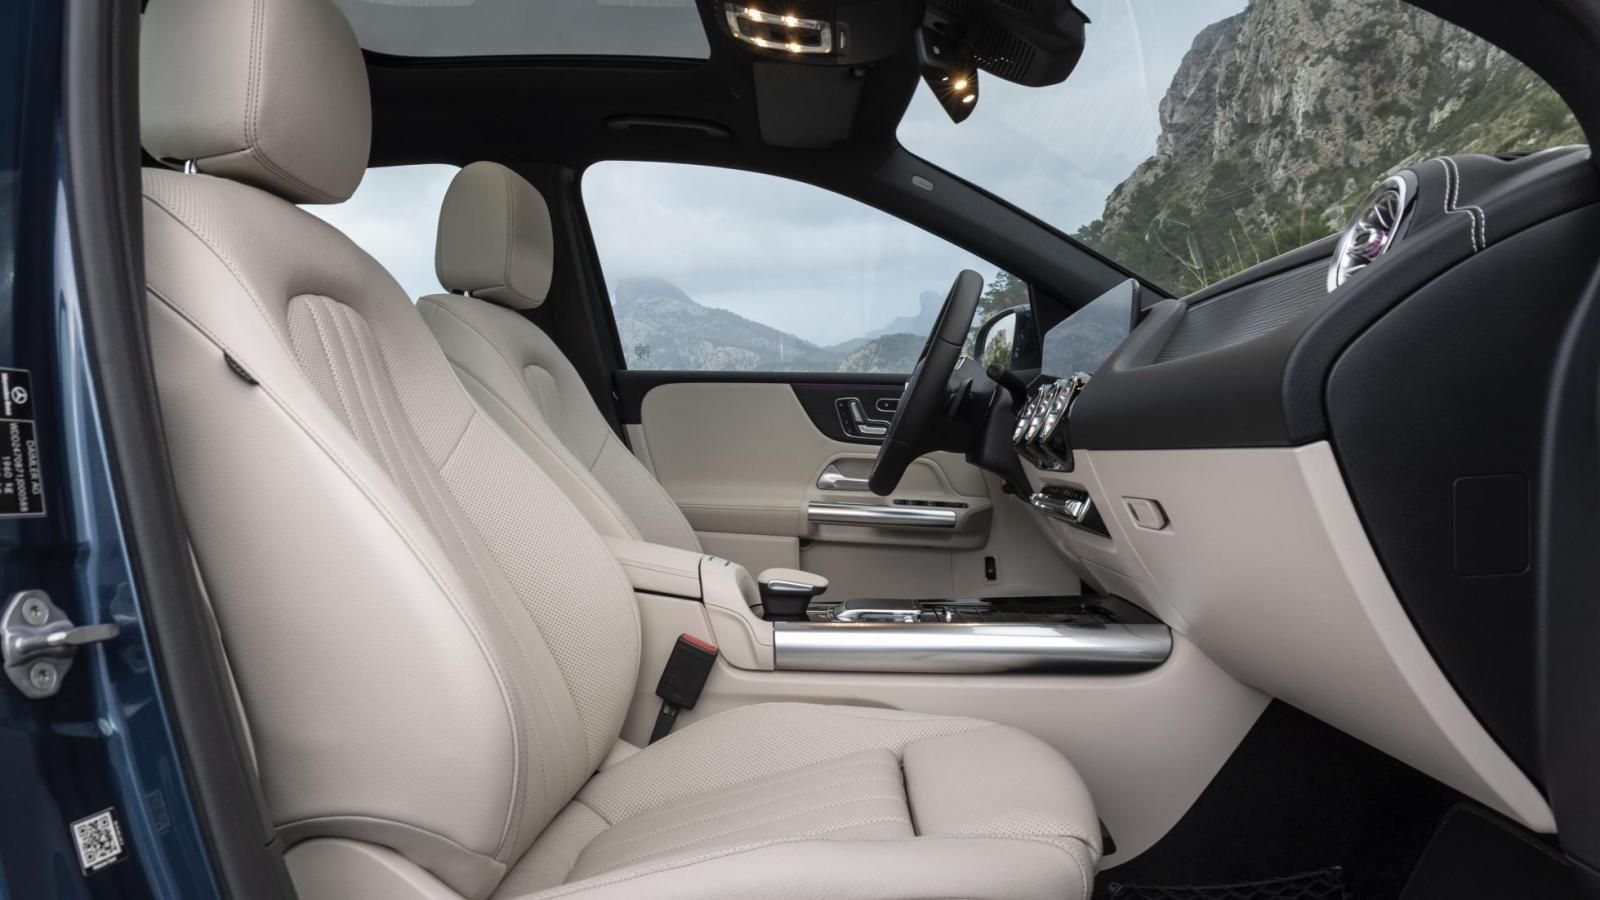 Đánh giá xe Mercedes-Benz B-Class 2020 về ghế ngồi: ghế trước